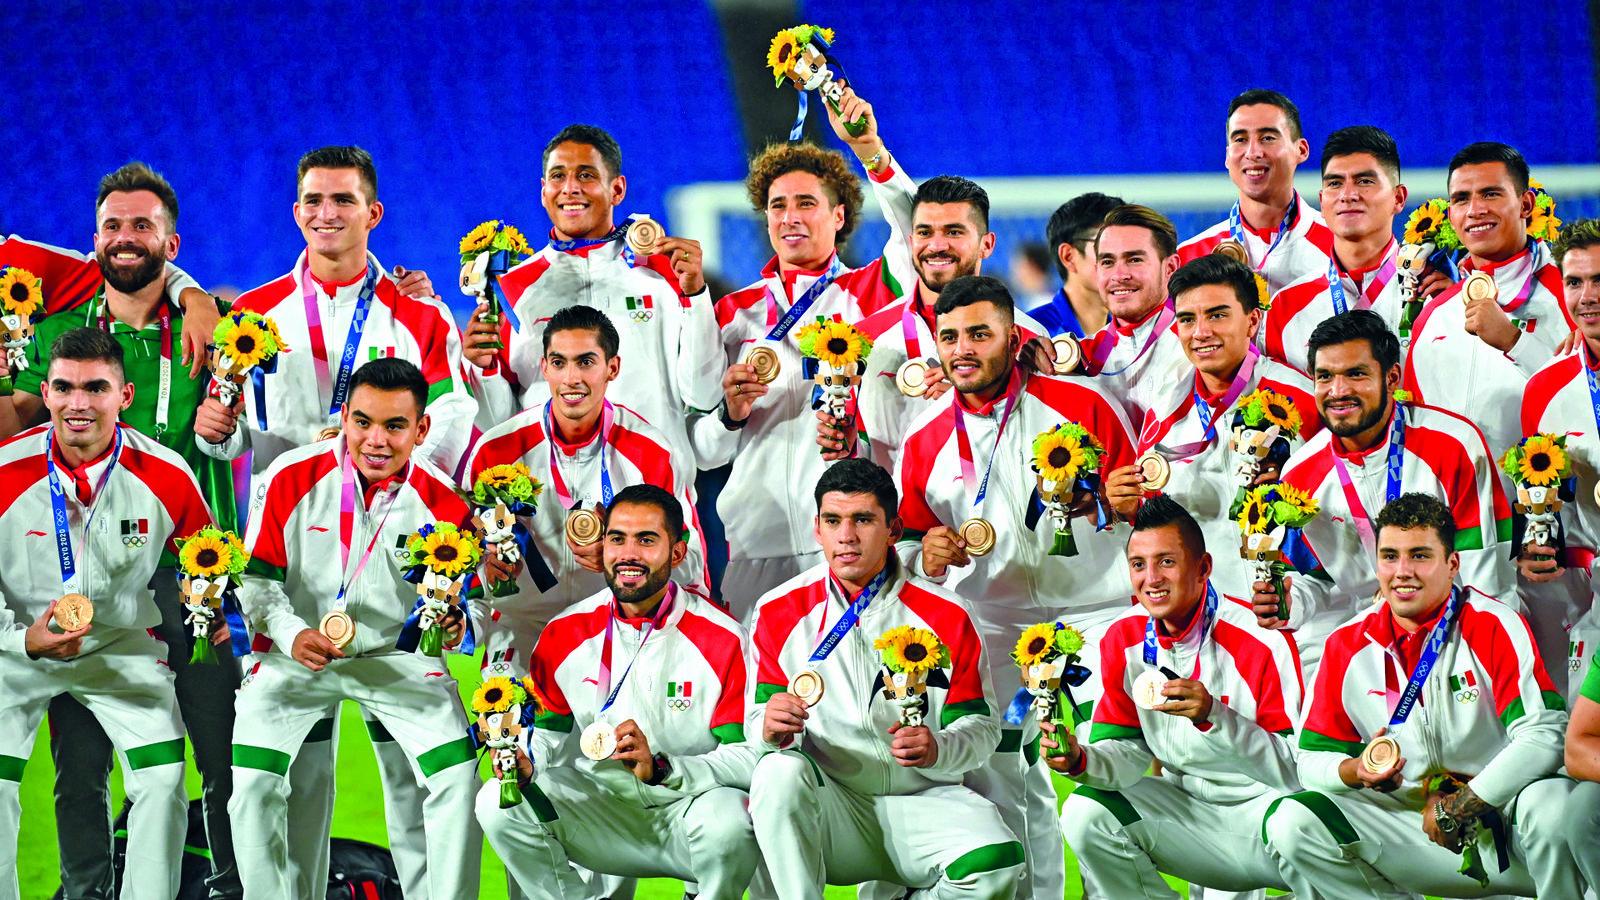 Los Olímpicos recibirán siete millones por medalla de bronce